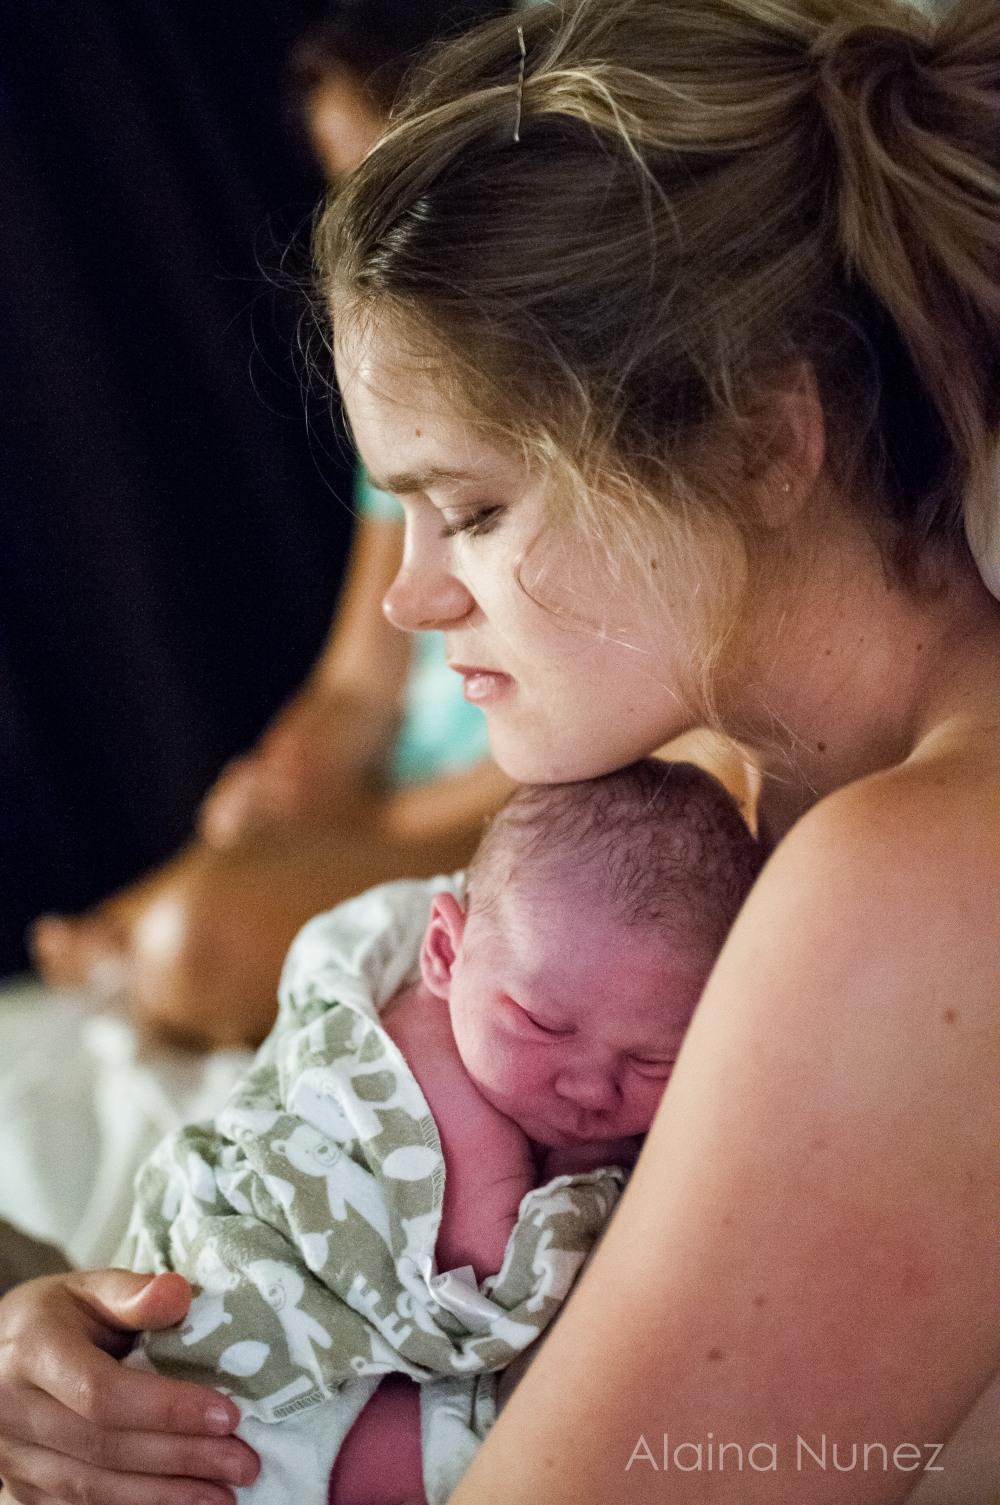 AlainaNunezPhotography.Ezra.Birth-24